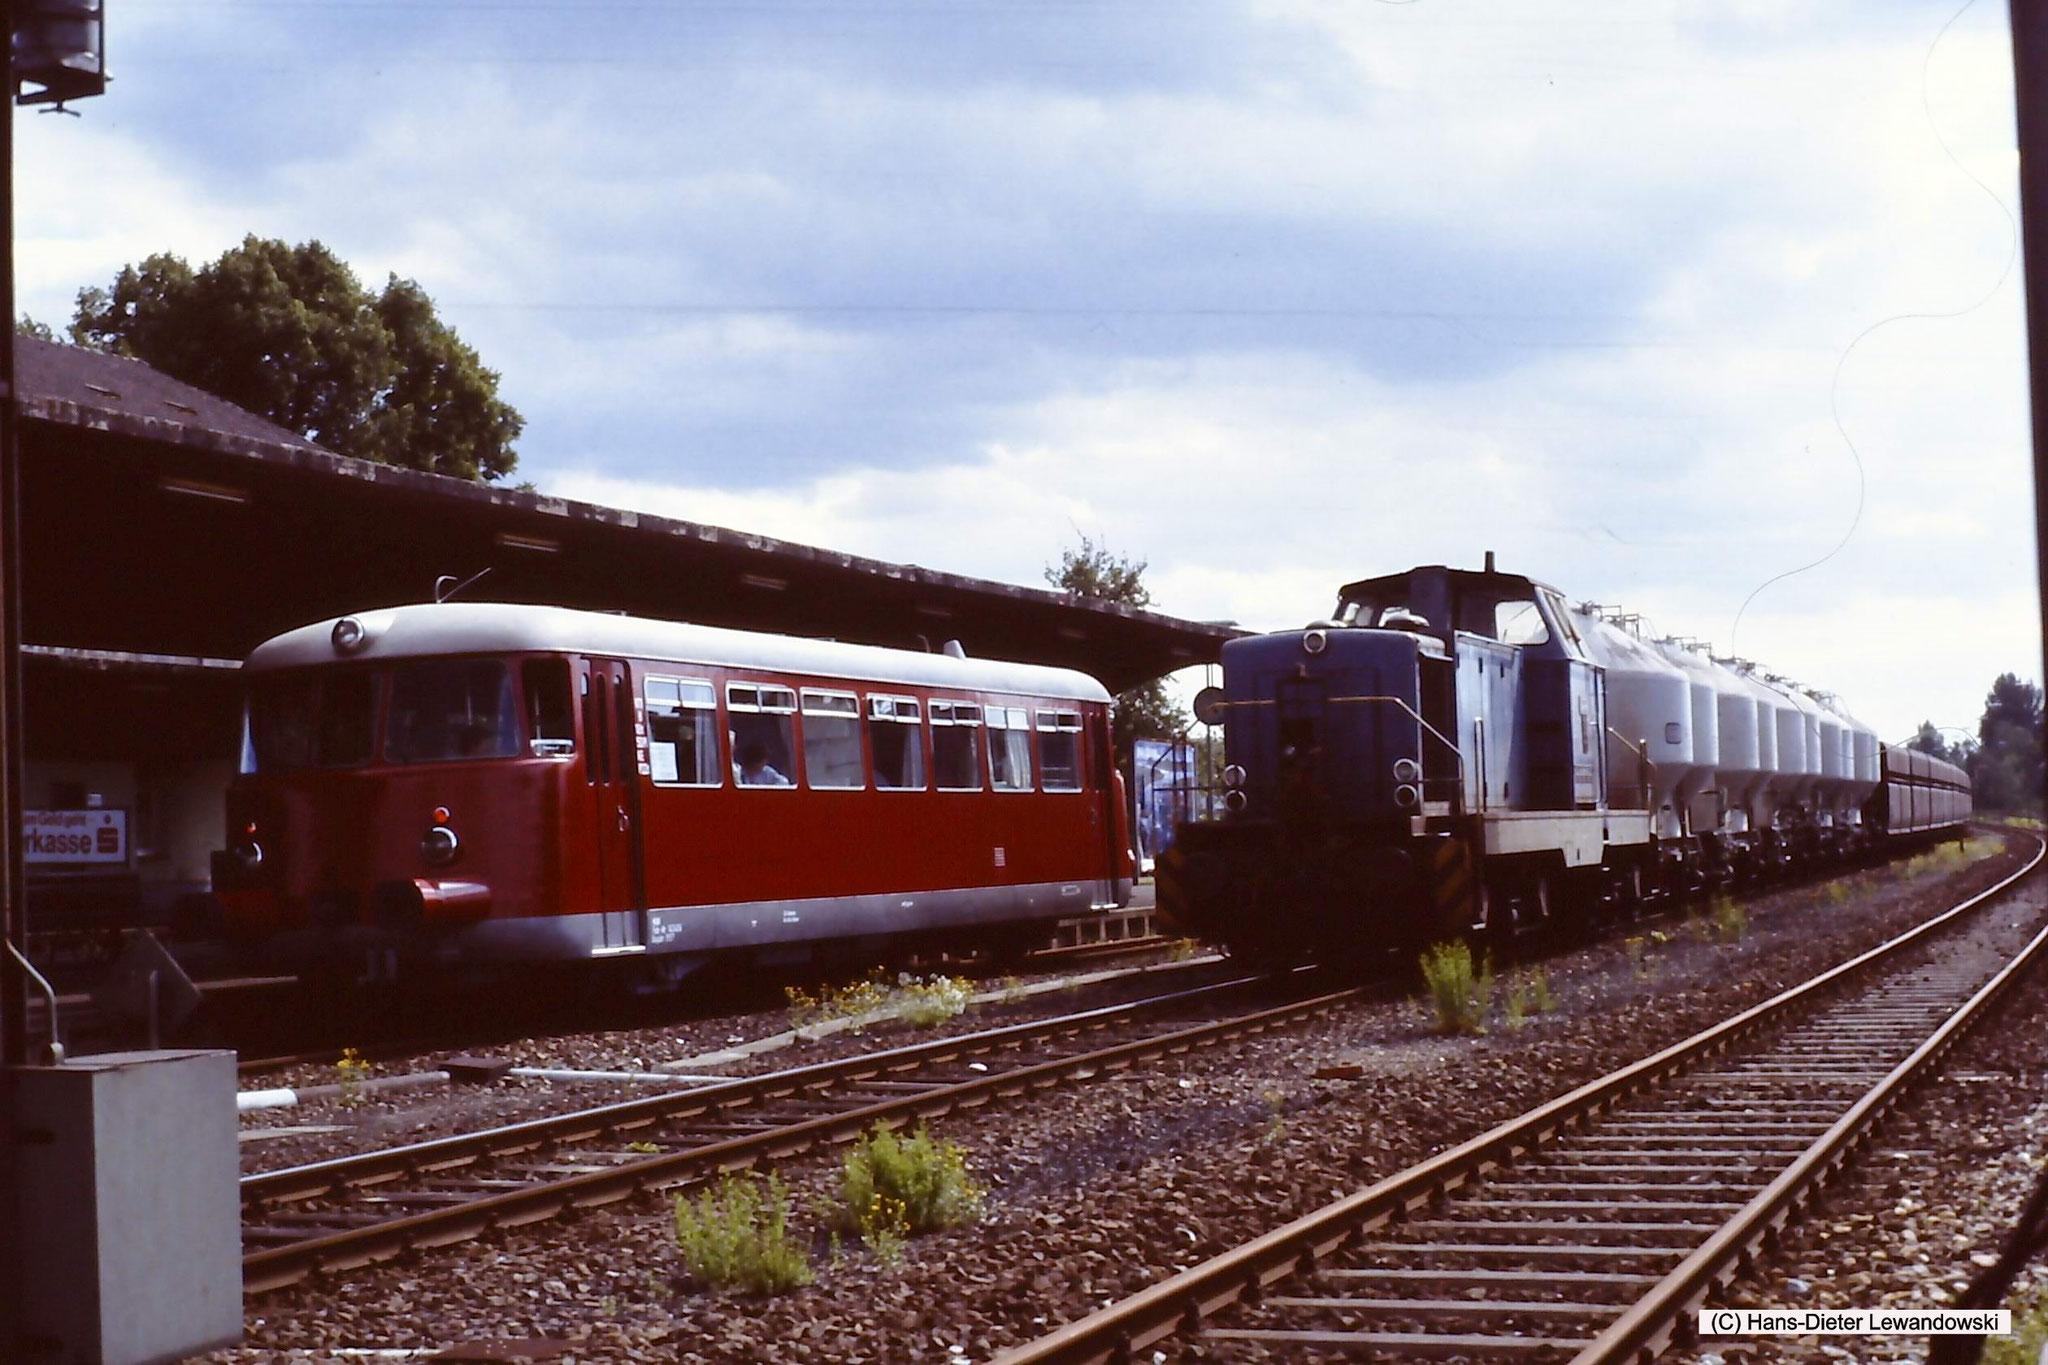 Der VT steht am Bahnsteig in Salzgitter-Bad und der VPS-Zug läuft soeben aus Ringelheim ein, um danach auf das Netz der VPS überzugehen